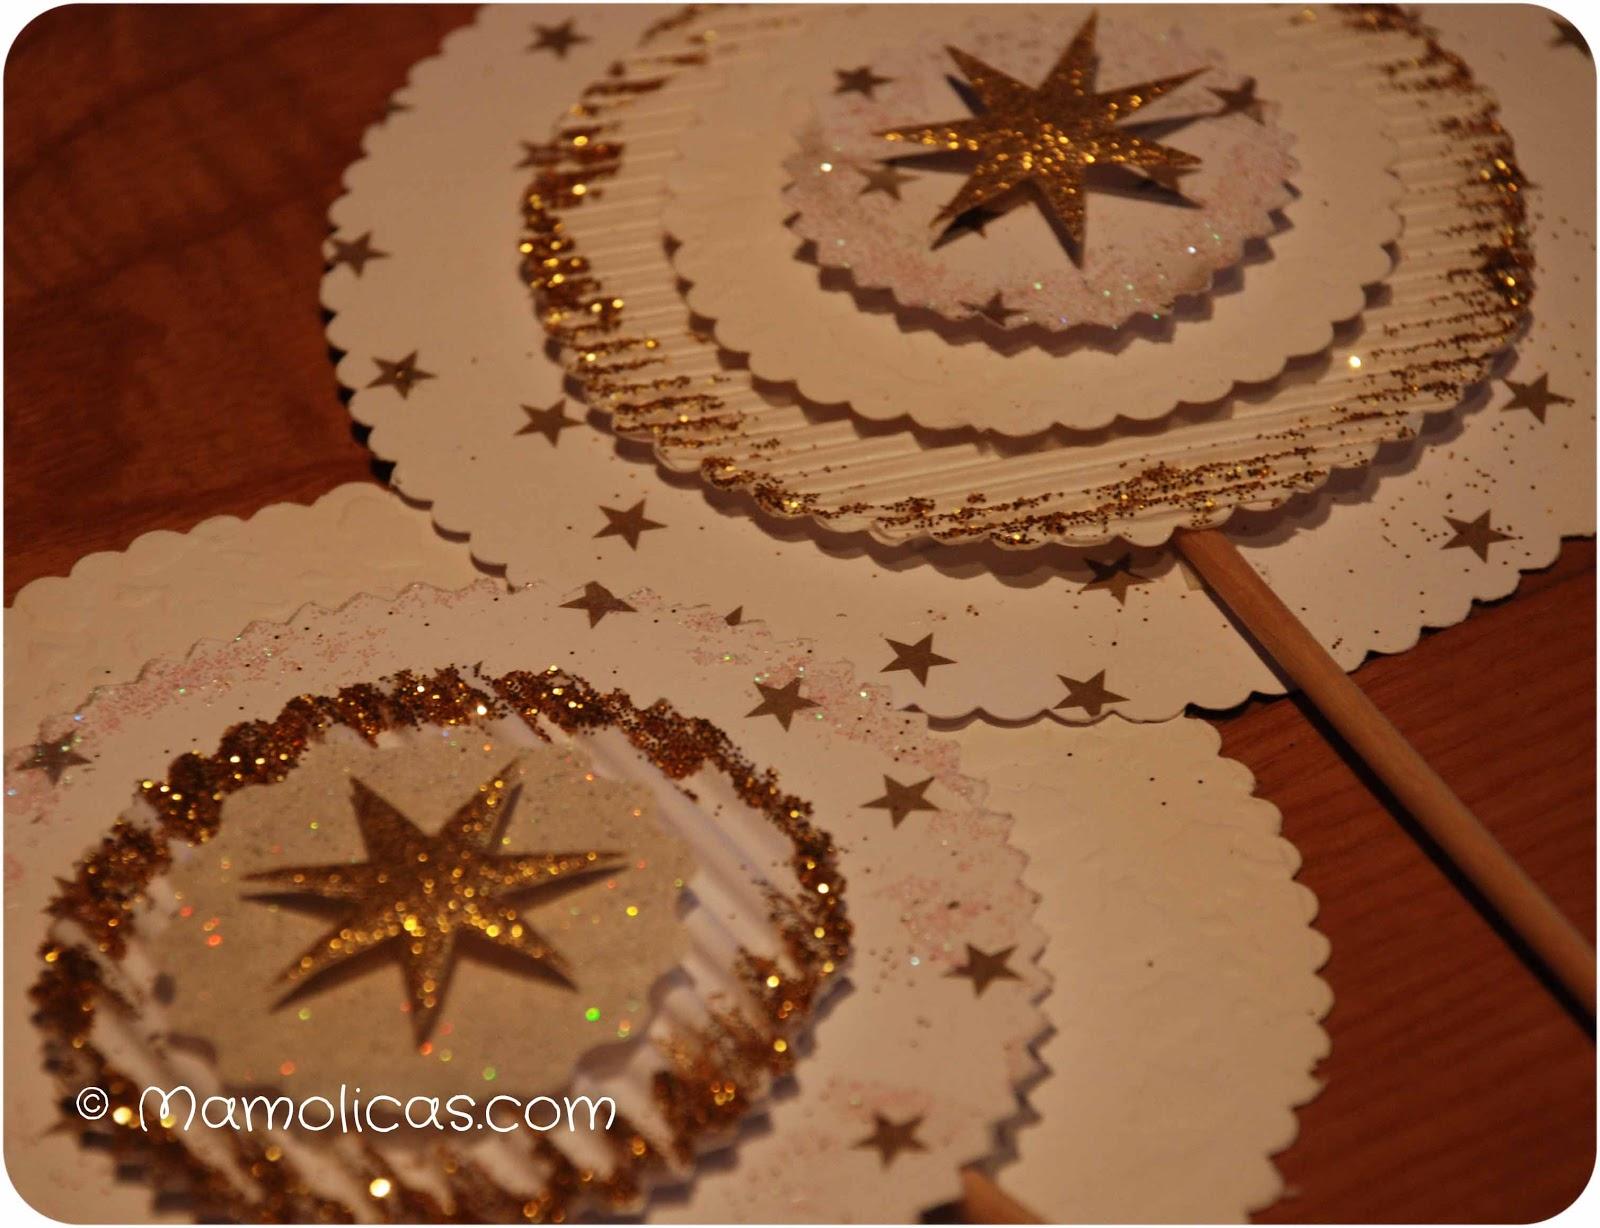 Mamolicas decoraci n navidad mesa dulces nochevieja - Decoracion mesa nochevieja ...